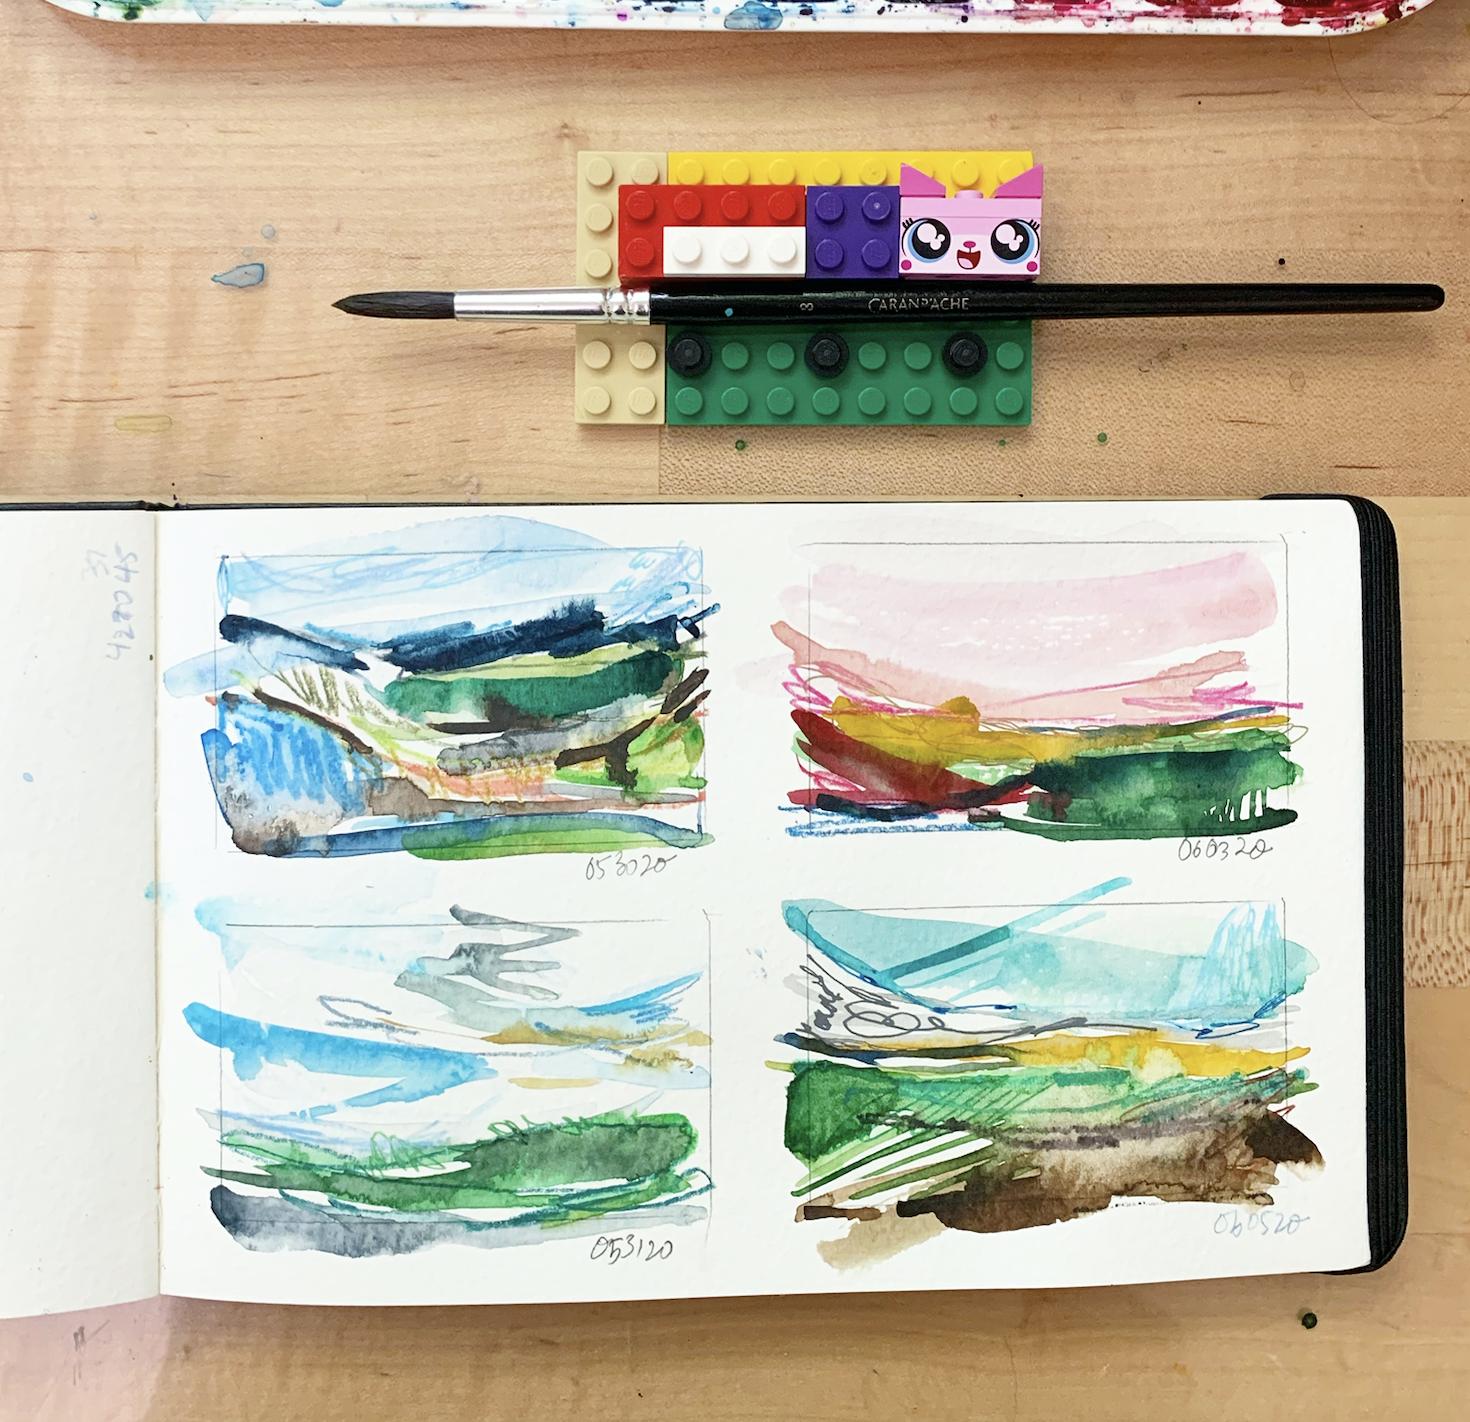 100 Days of Tiny Landscapes